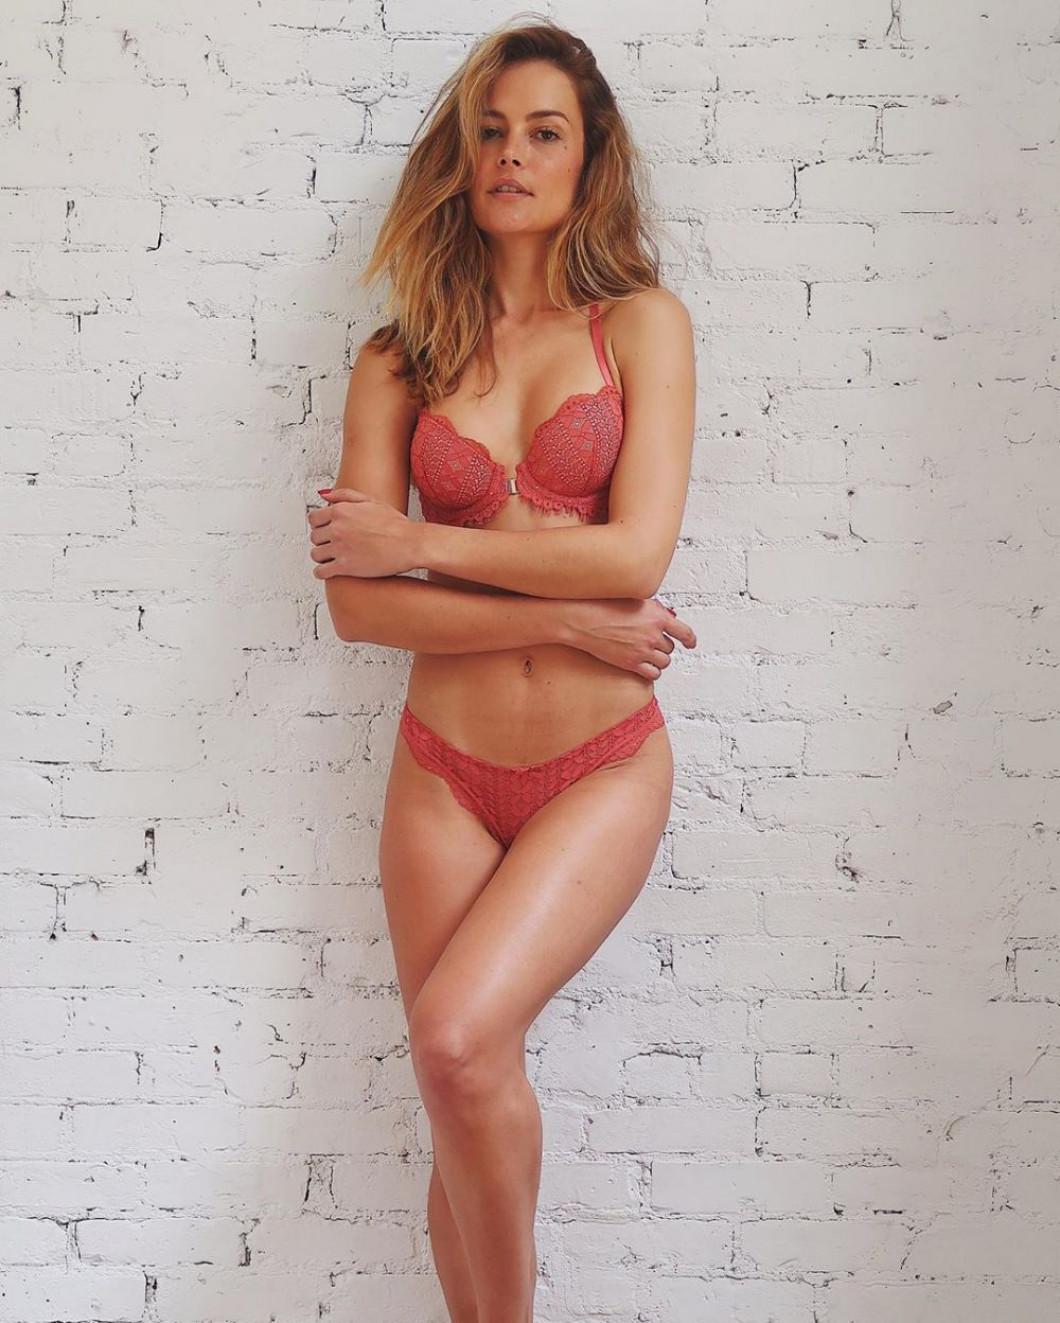 Natalaia Borges